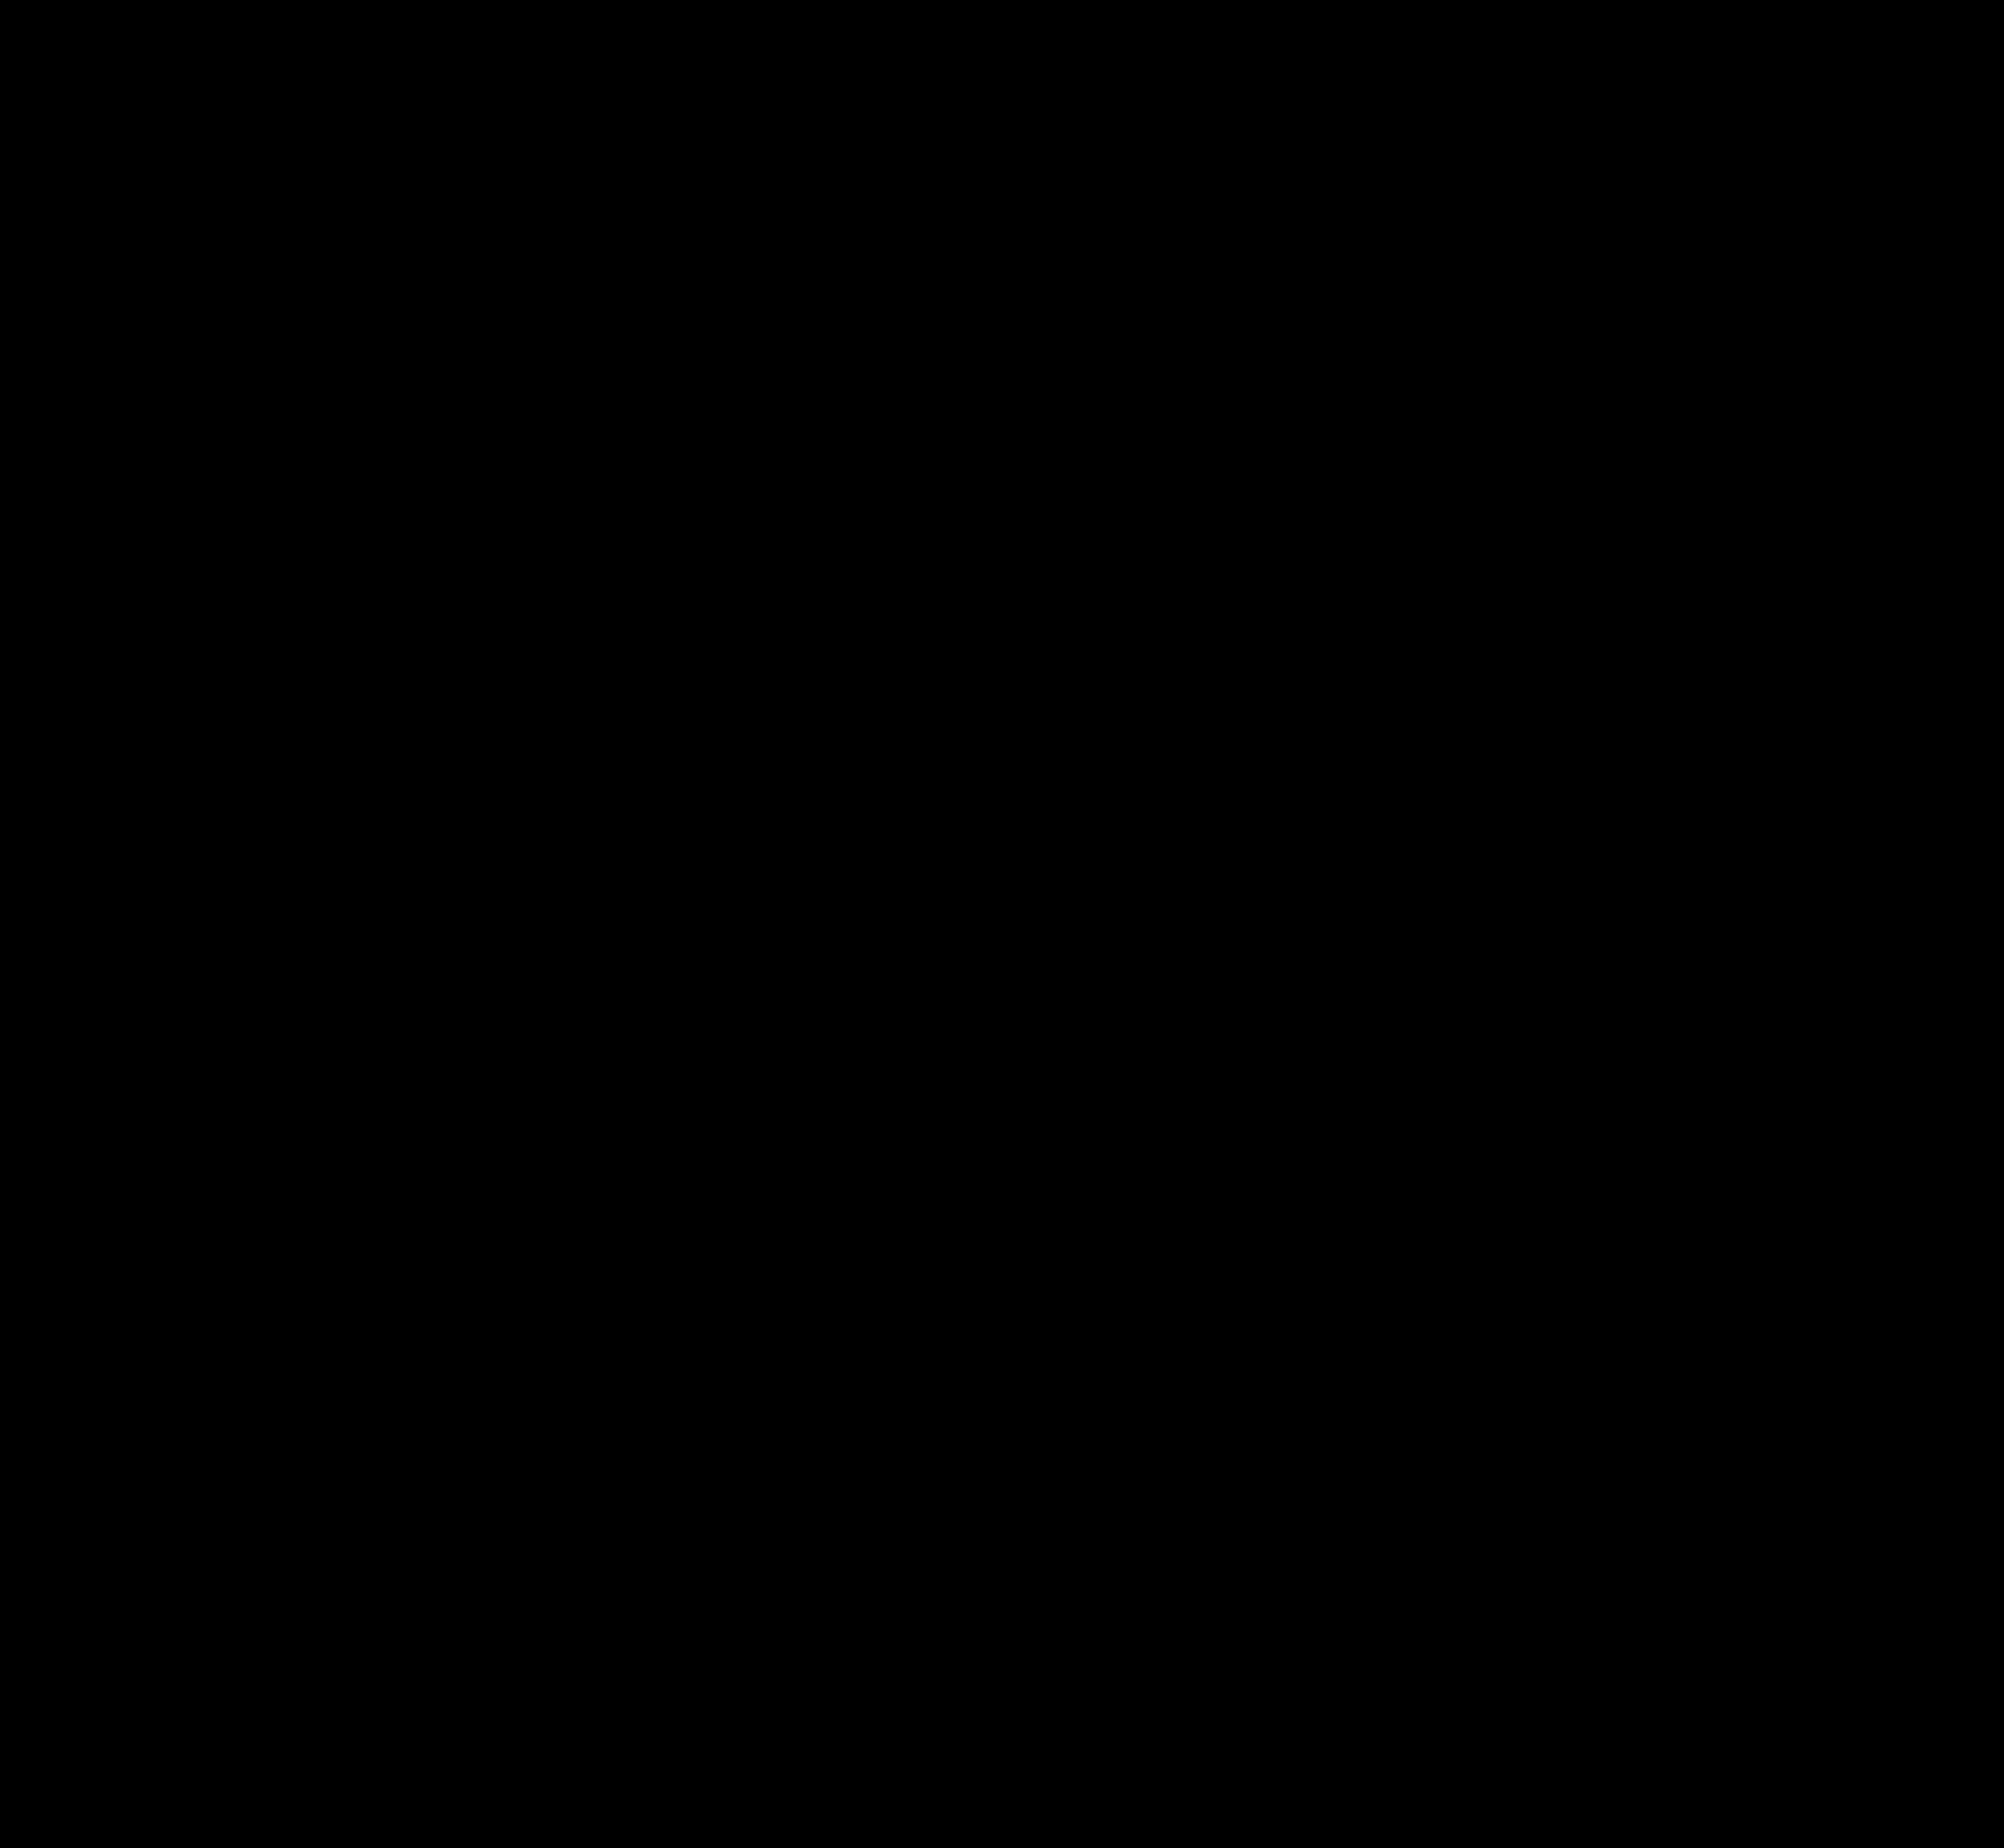 Logo_Aqua_Produkter-08.png